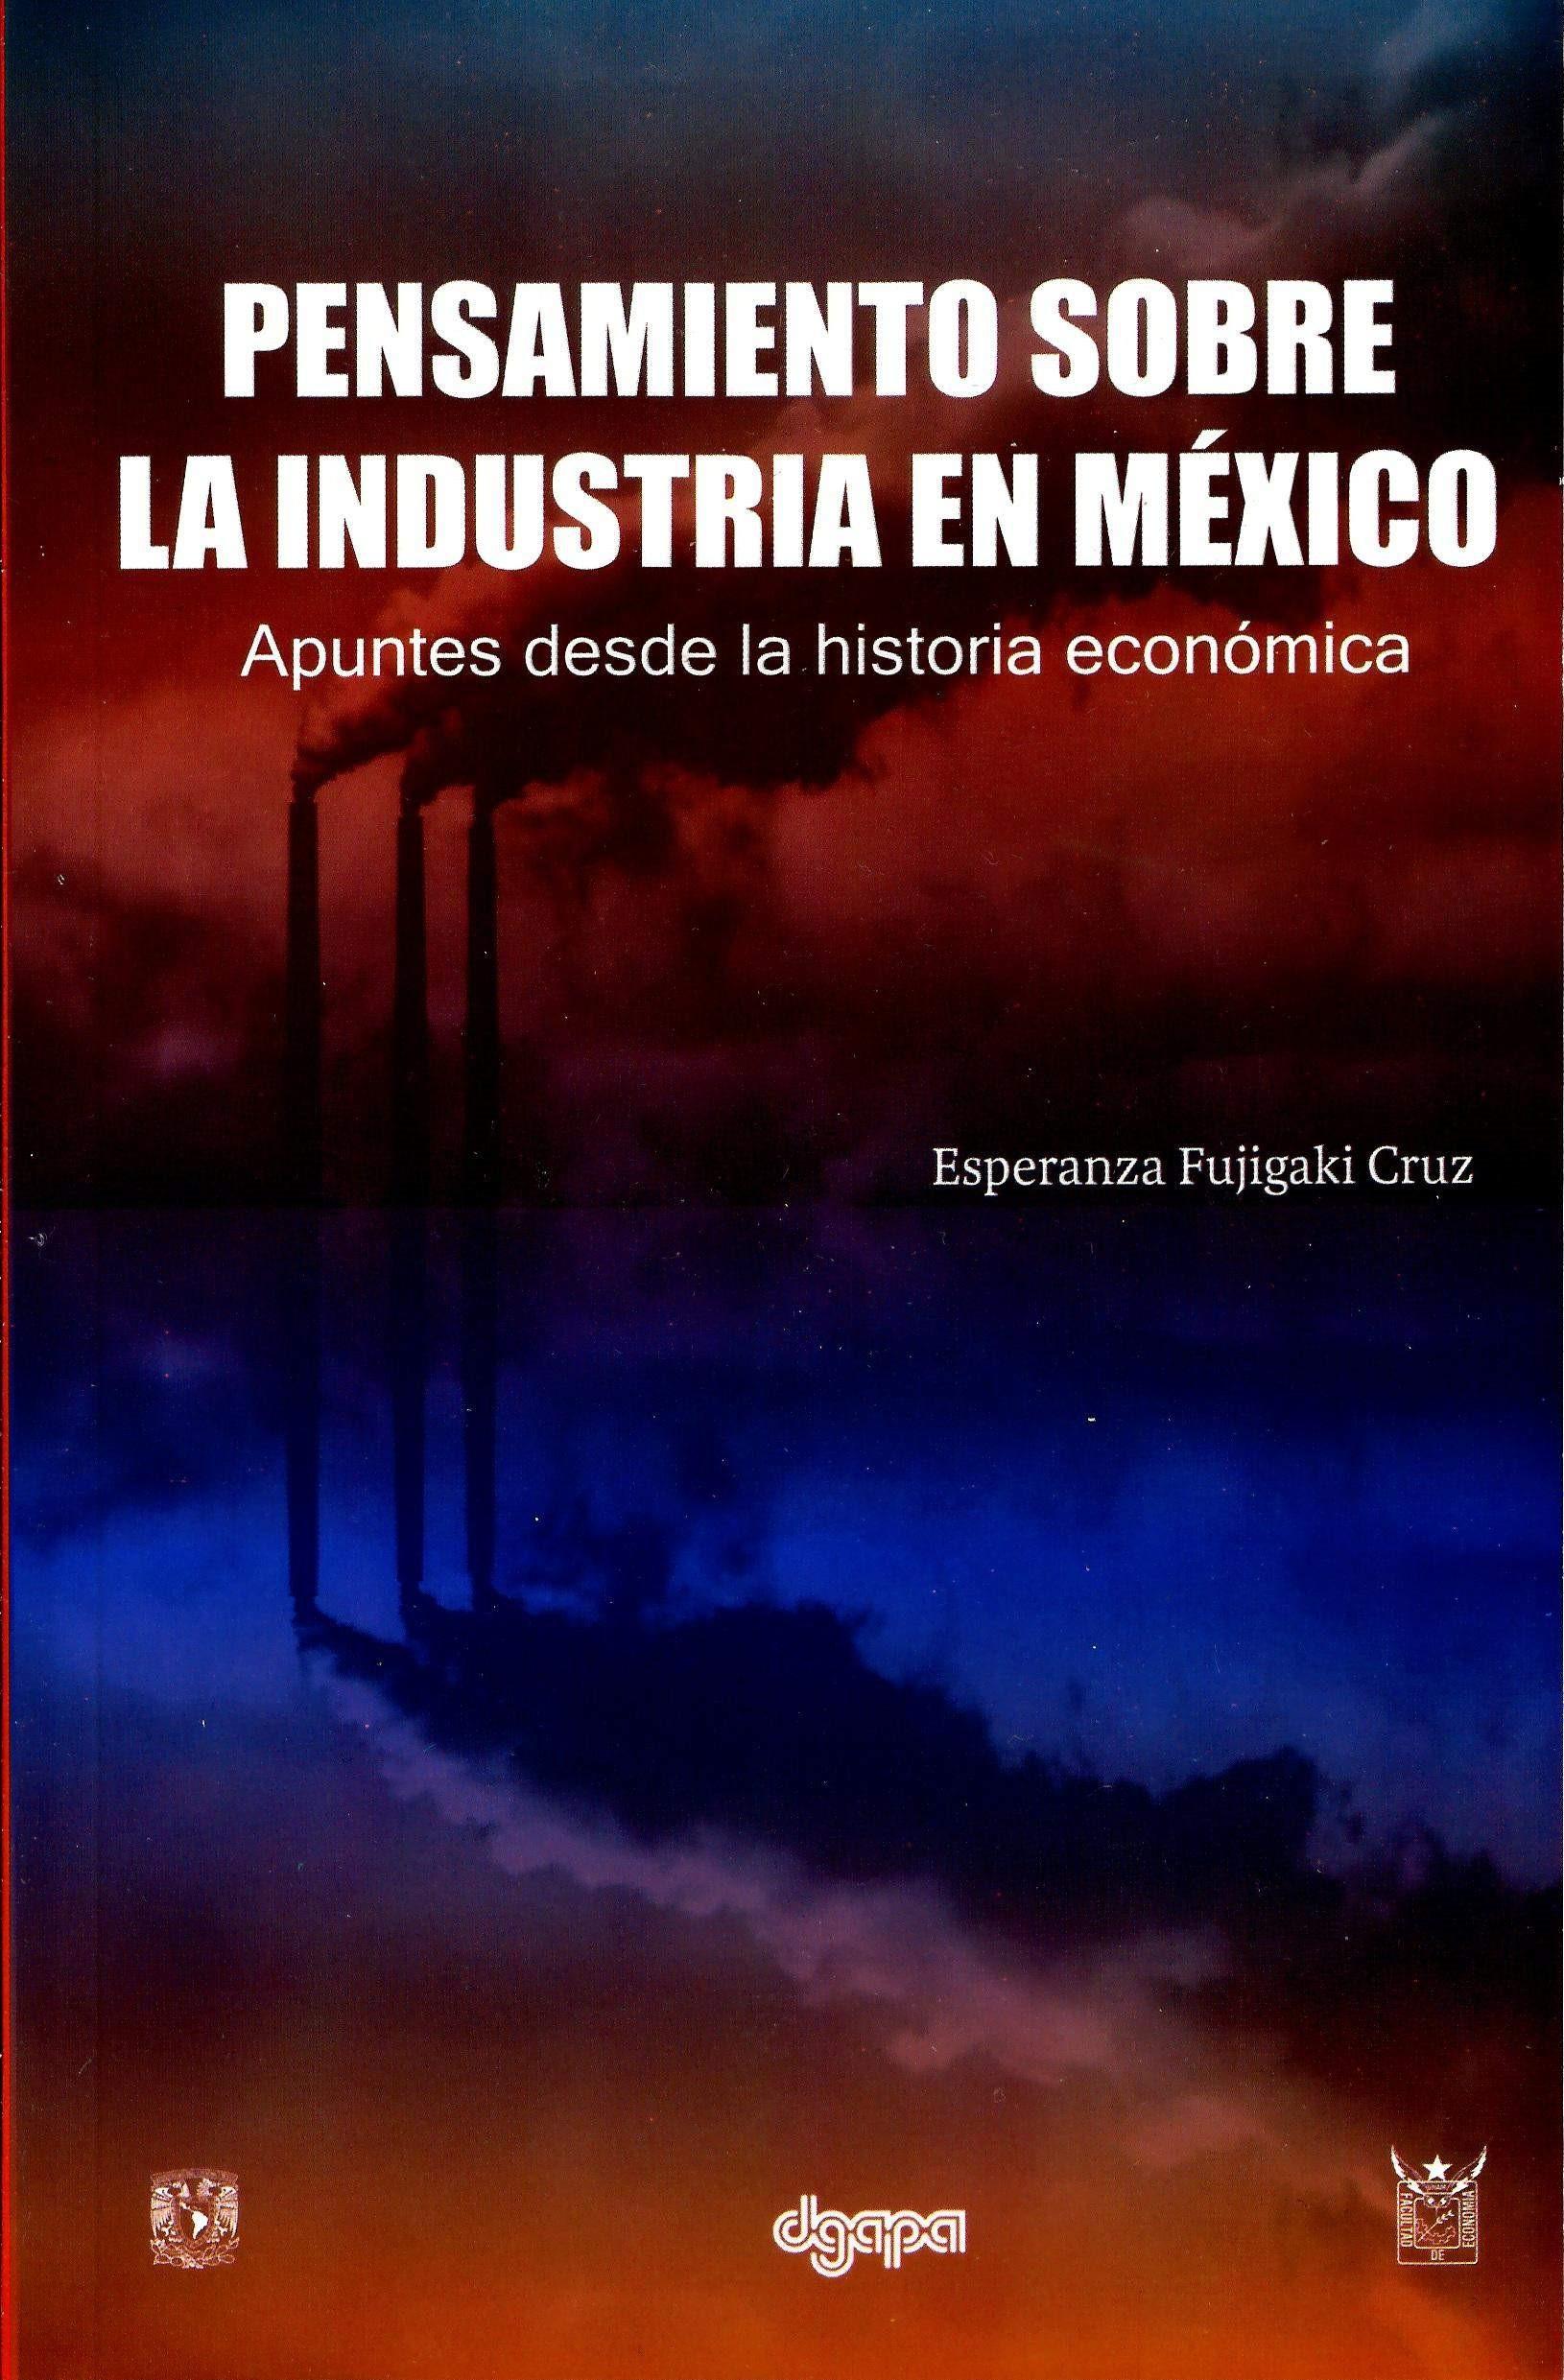 Pensamiento sobre la industria en México. Apuntes desde la historia económica